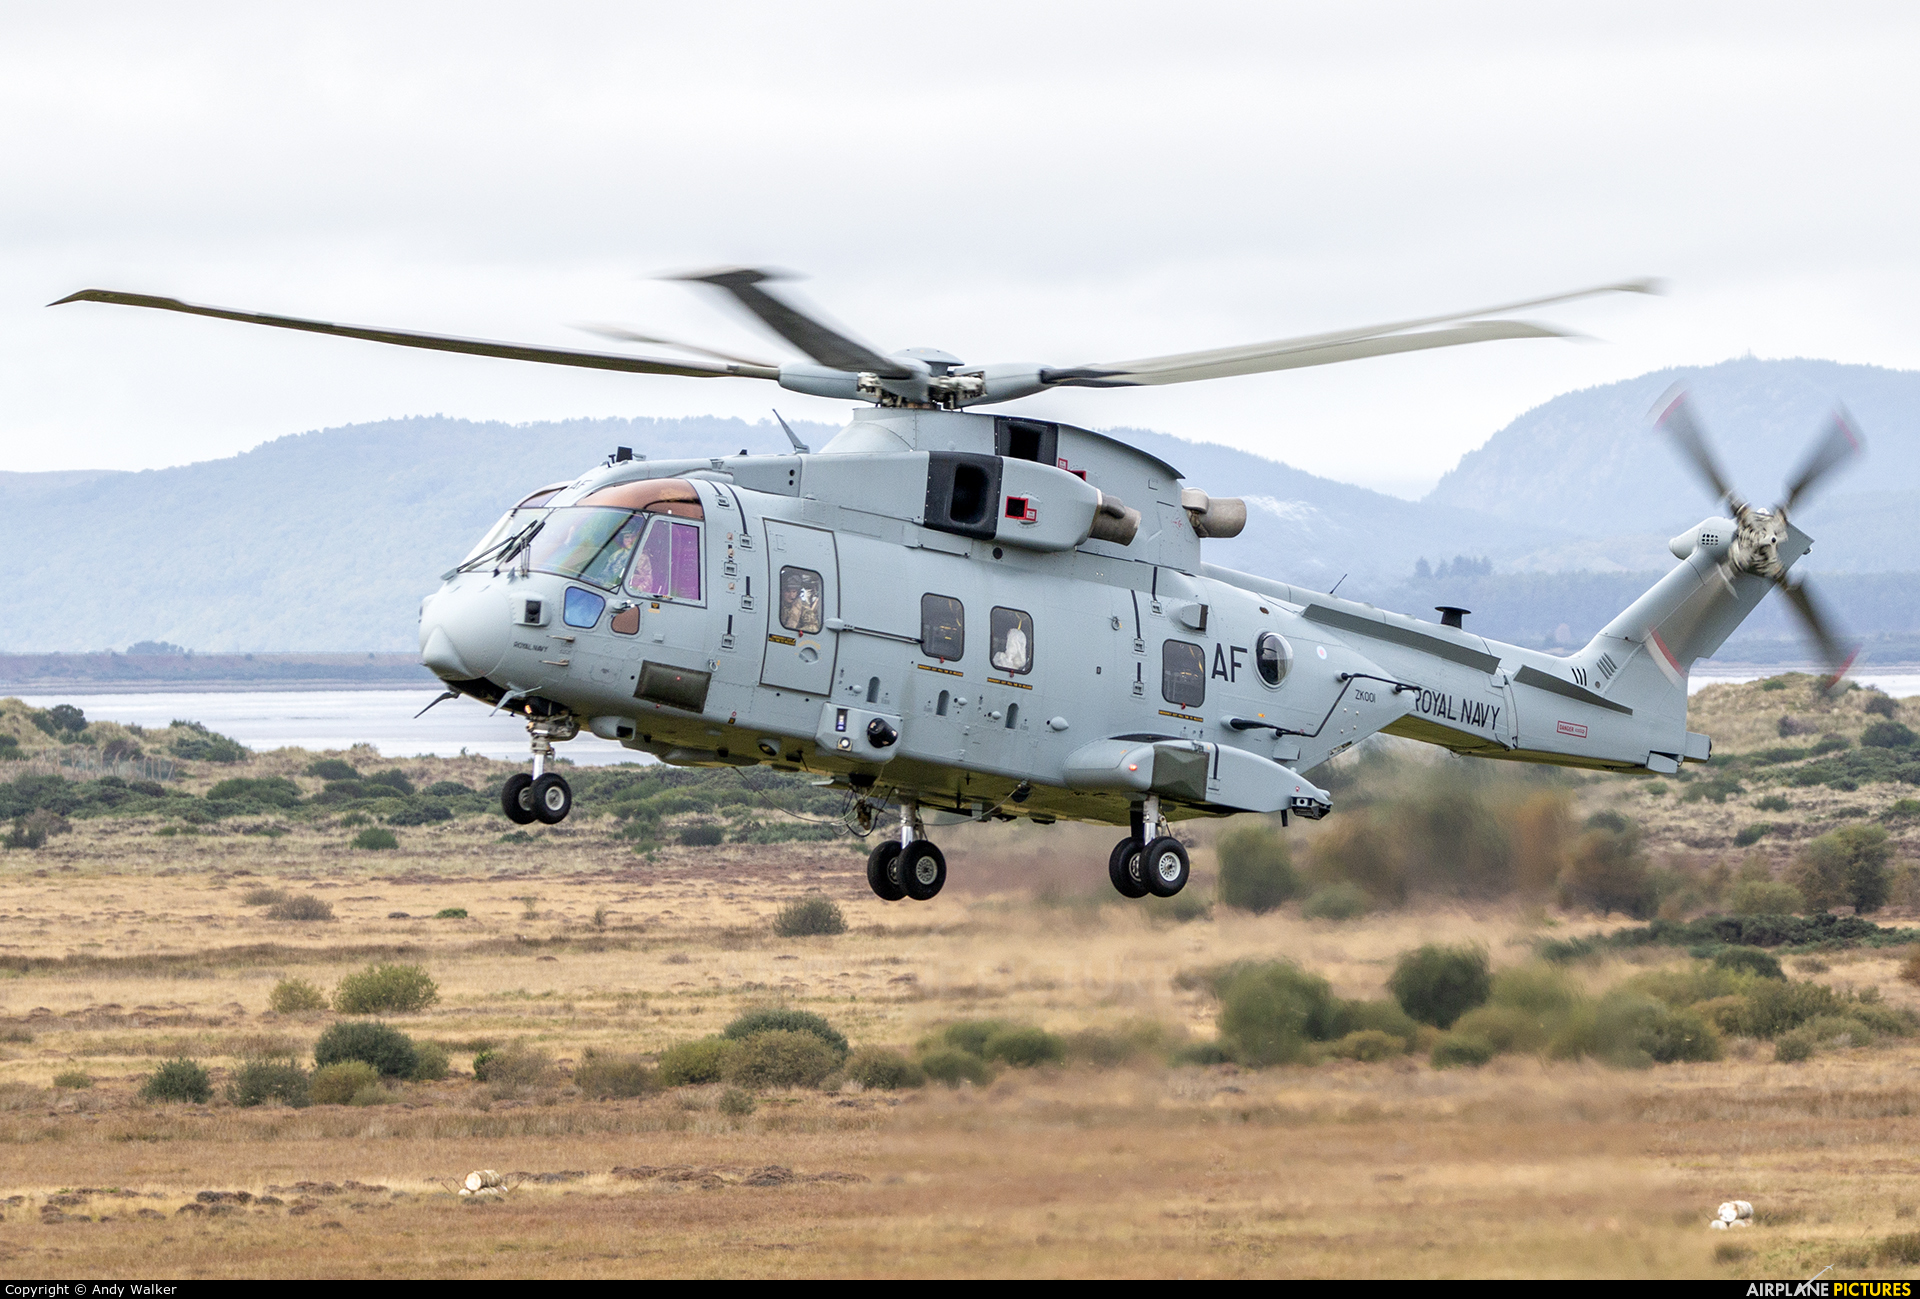 Royal Navy ZK001 aircraft at Tain Range